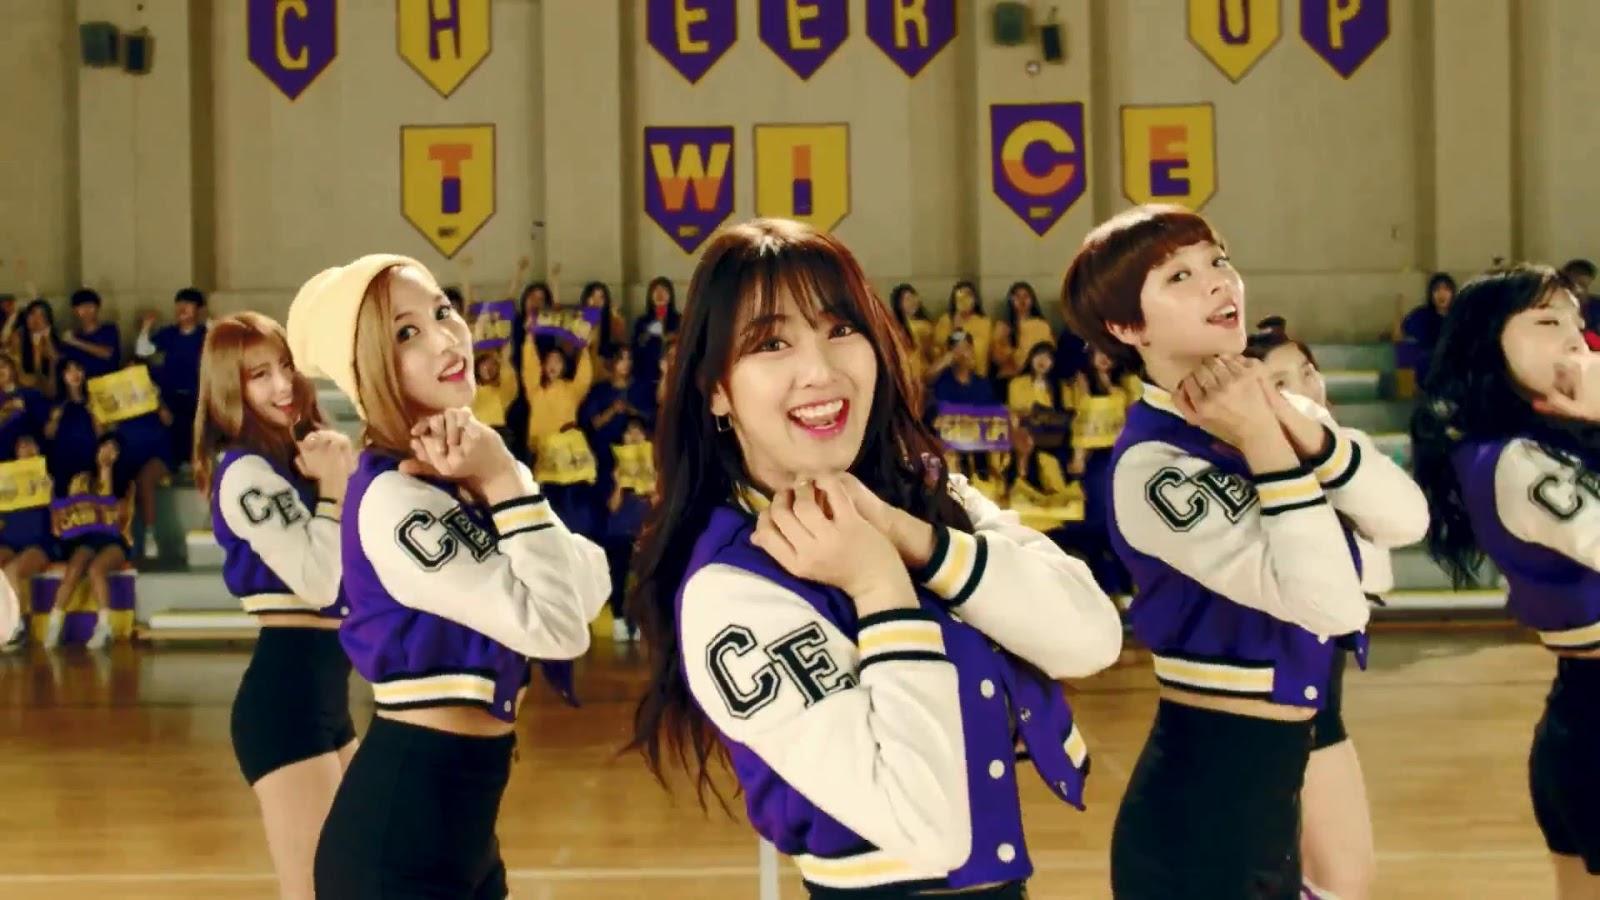 Twice Cheer Up